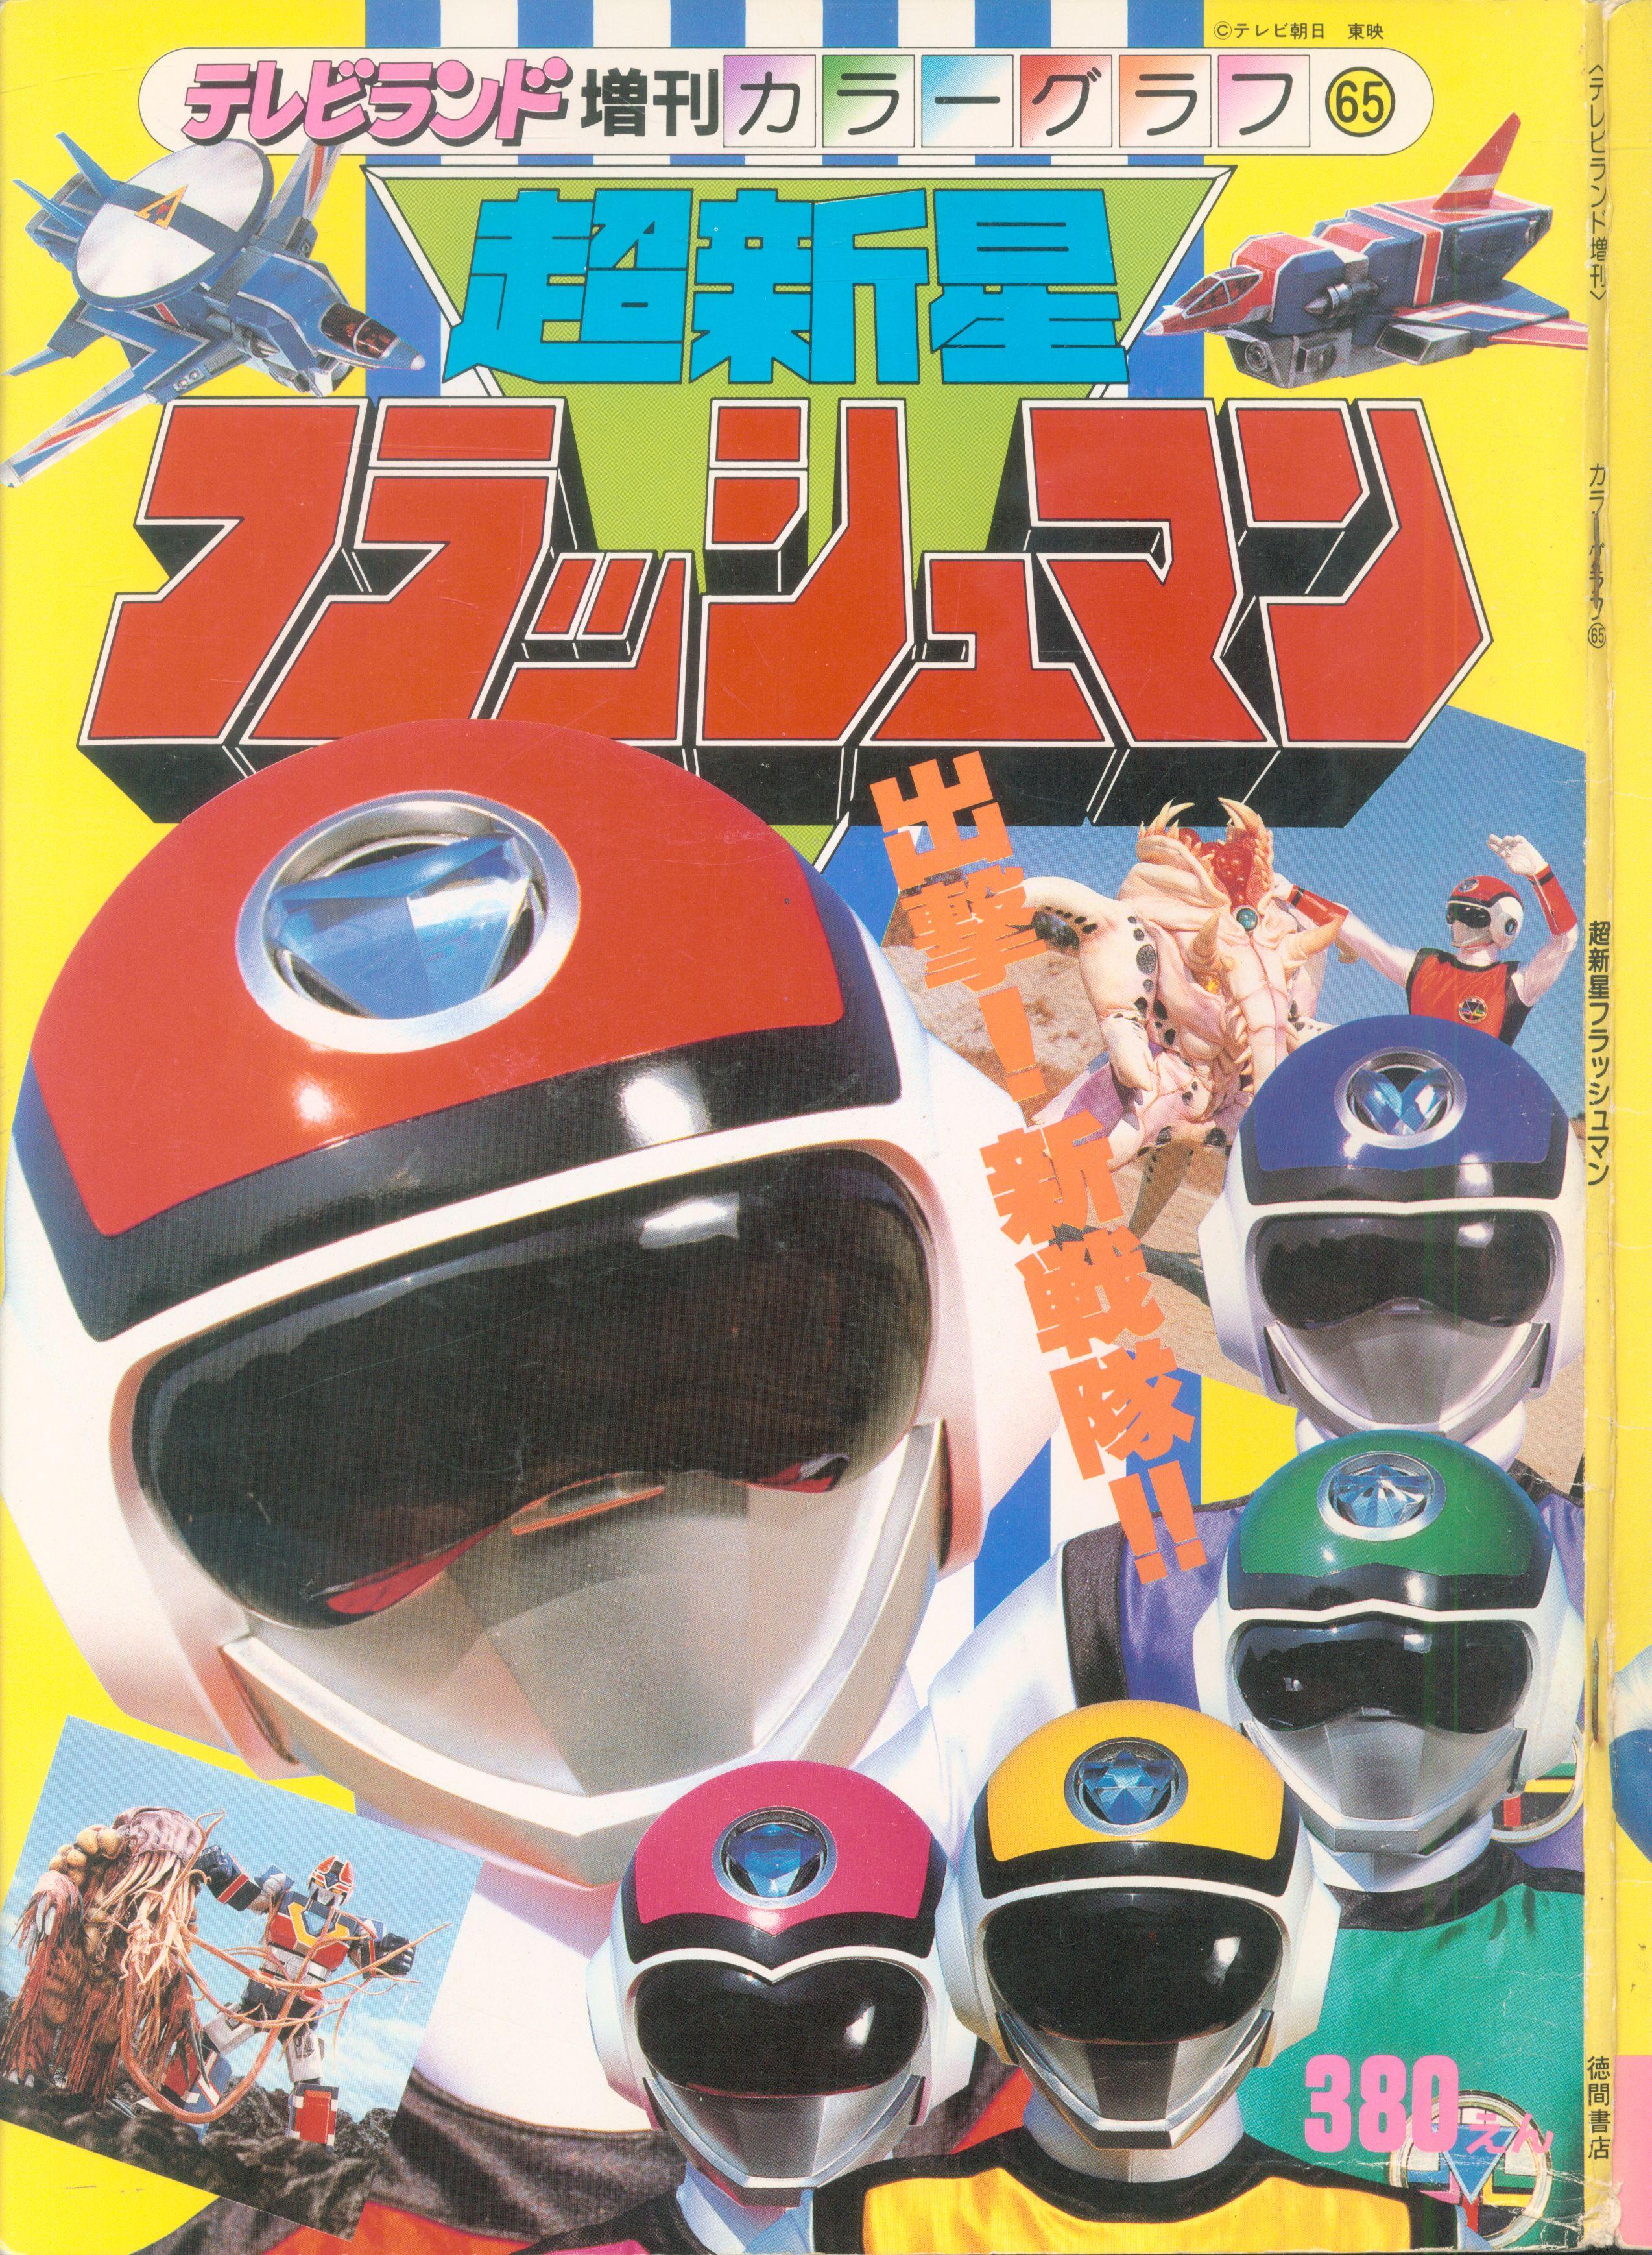 徳間書店 テレビランド増刊カラーグラフ 『超新星フラッシュマン 65』